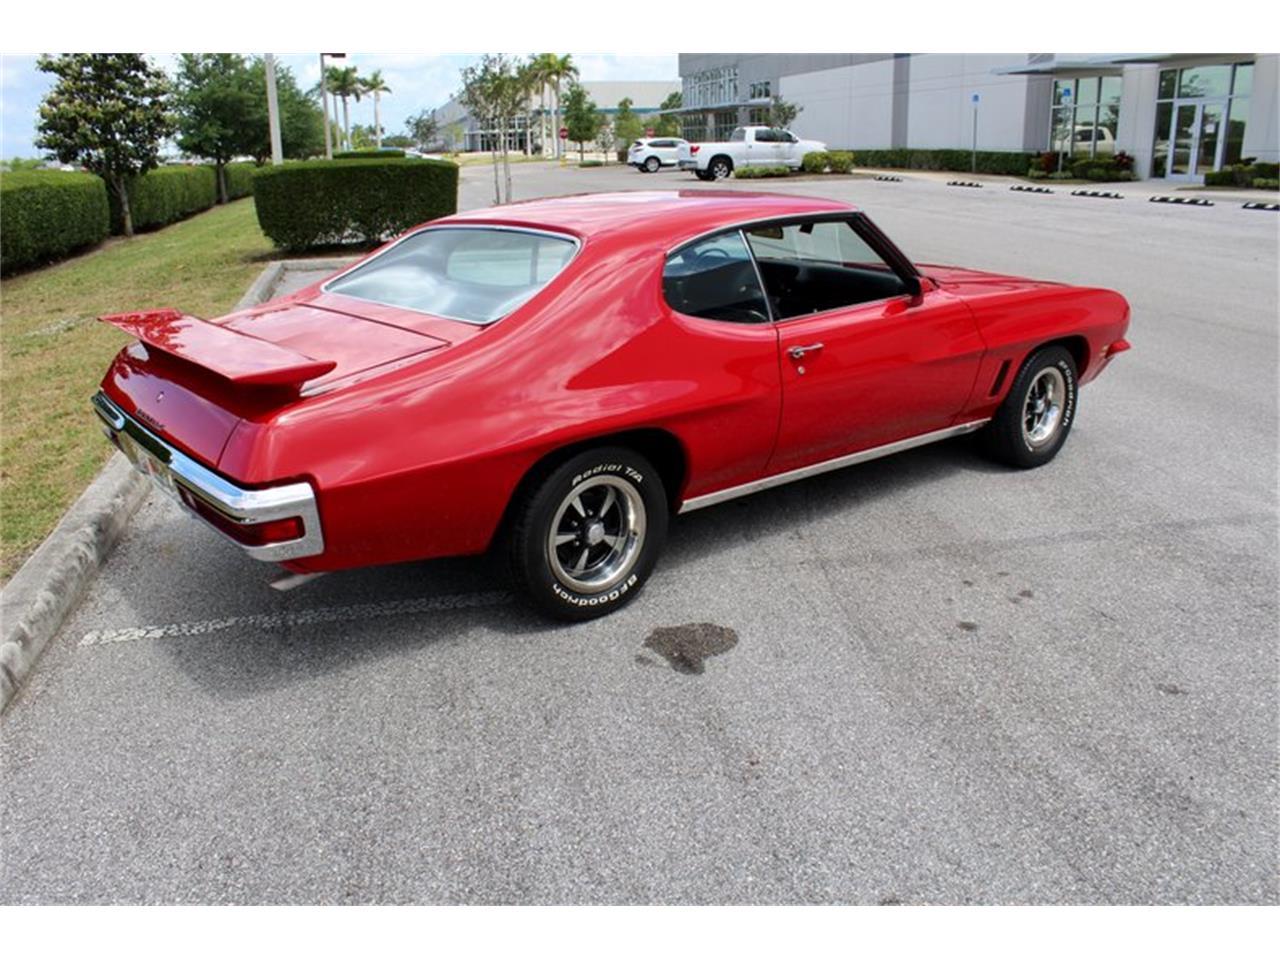 Large Picture of 1972 Pontiac LeMans - $19,500.00 - PUAK